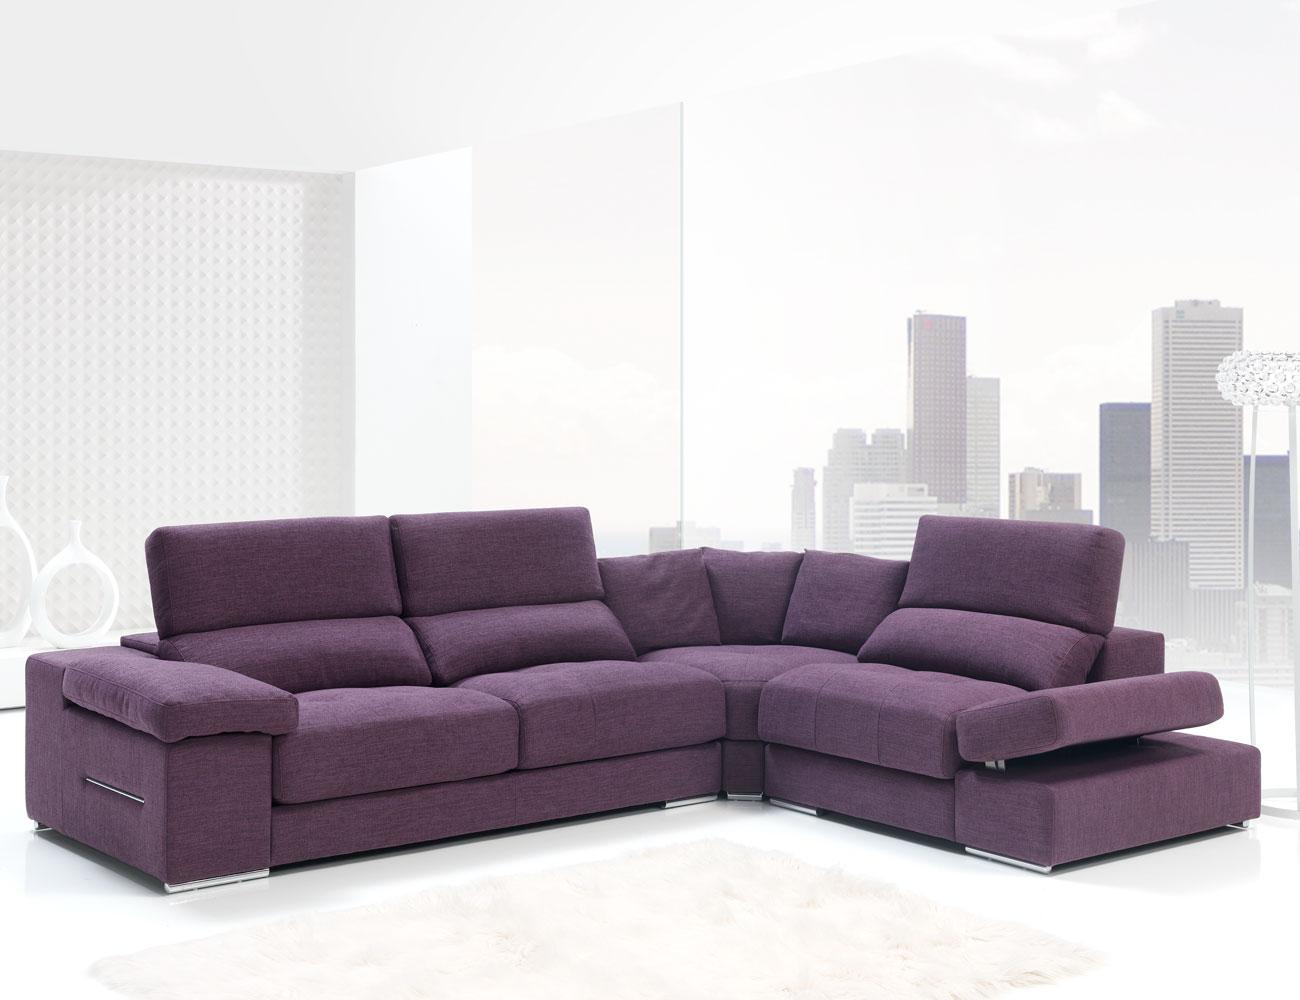 Sofa chaiselongue rincon con brazo mecanico tejido anti manchas